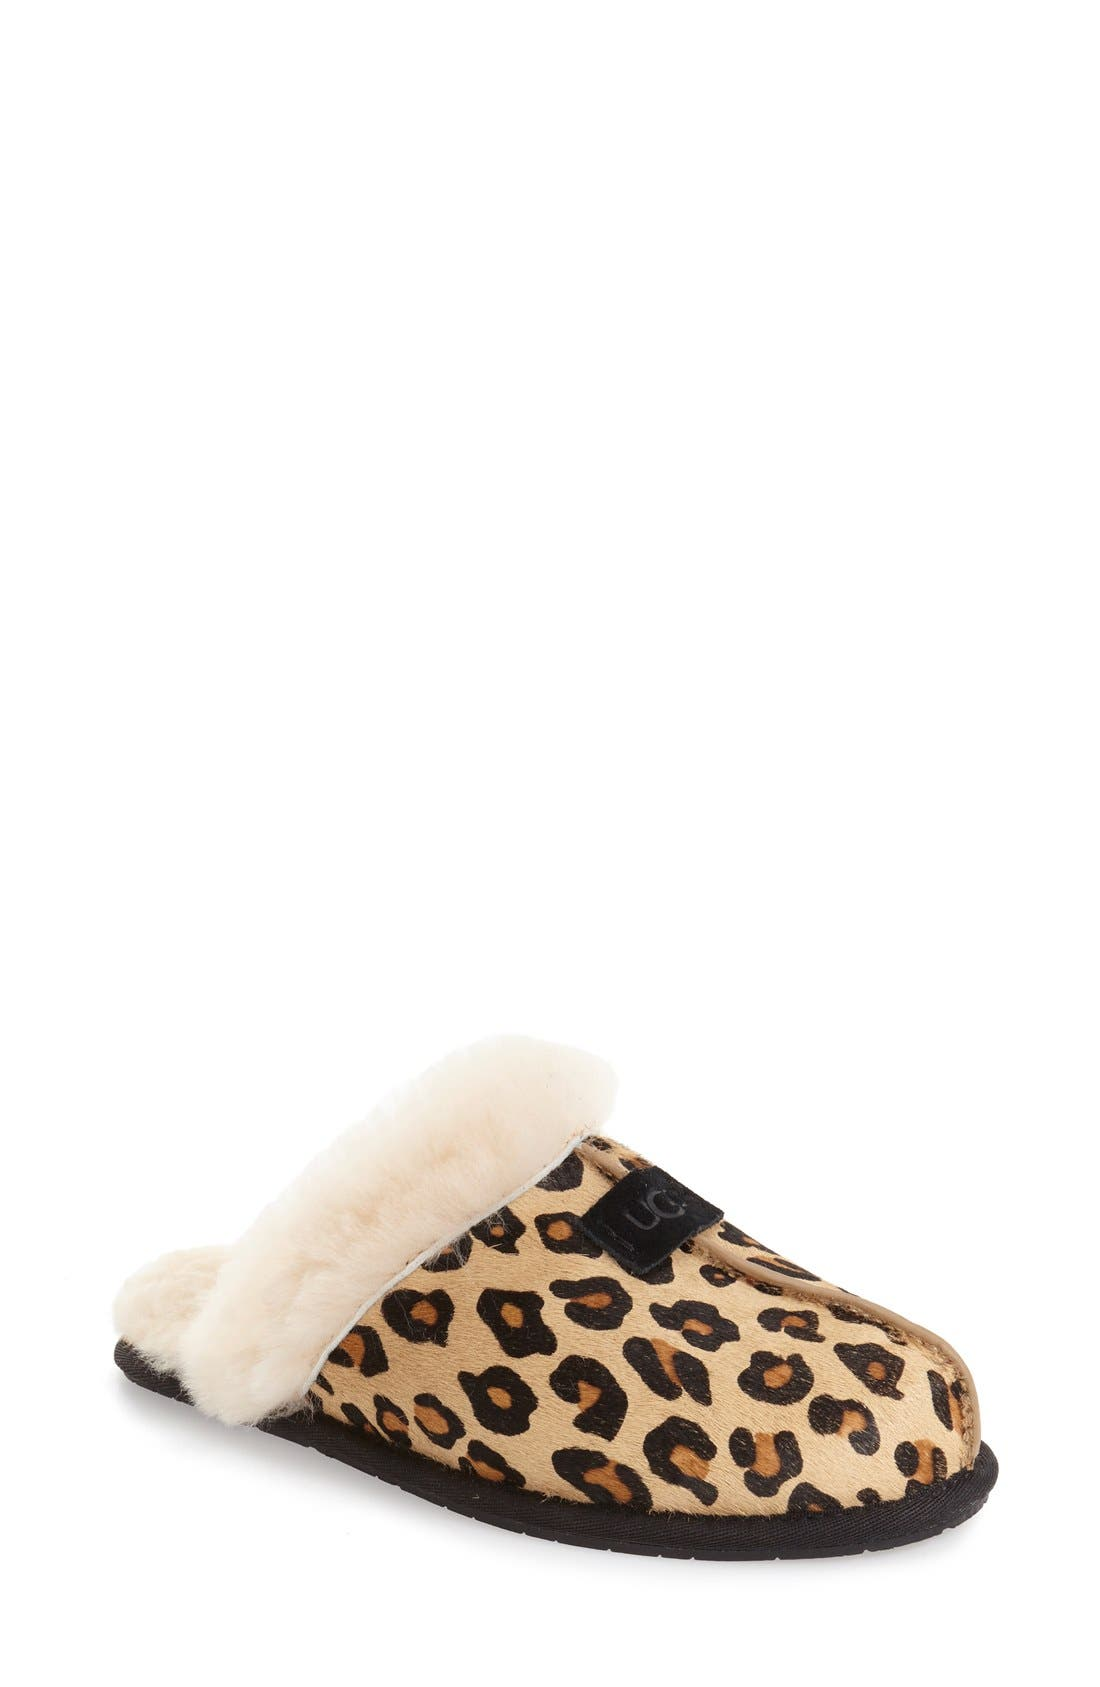 UGG<SUP>®</SUP> Scuffette II Leopard Spot Calf Hair Genuine Shearling Cuff Slipper